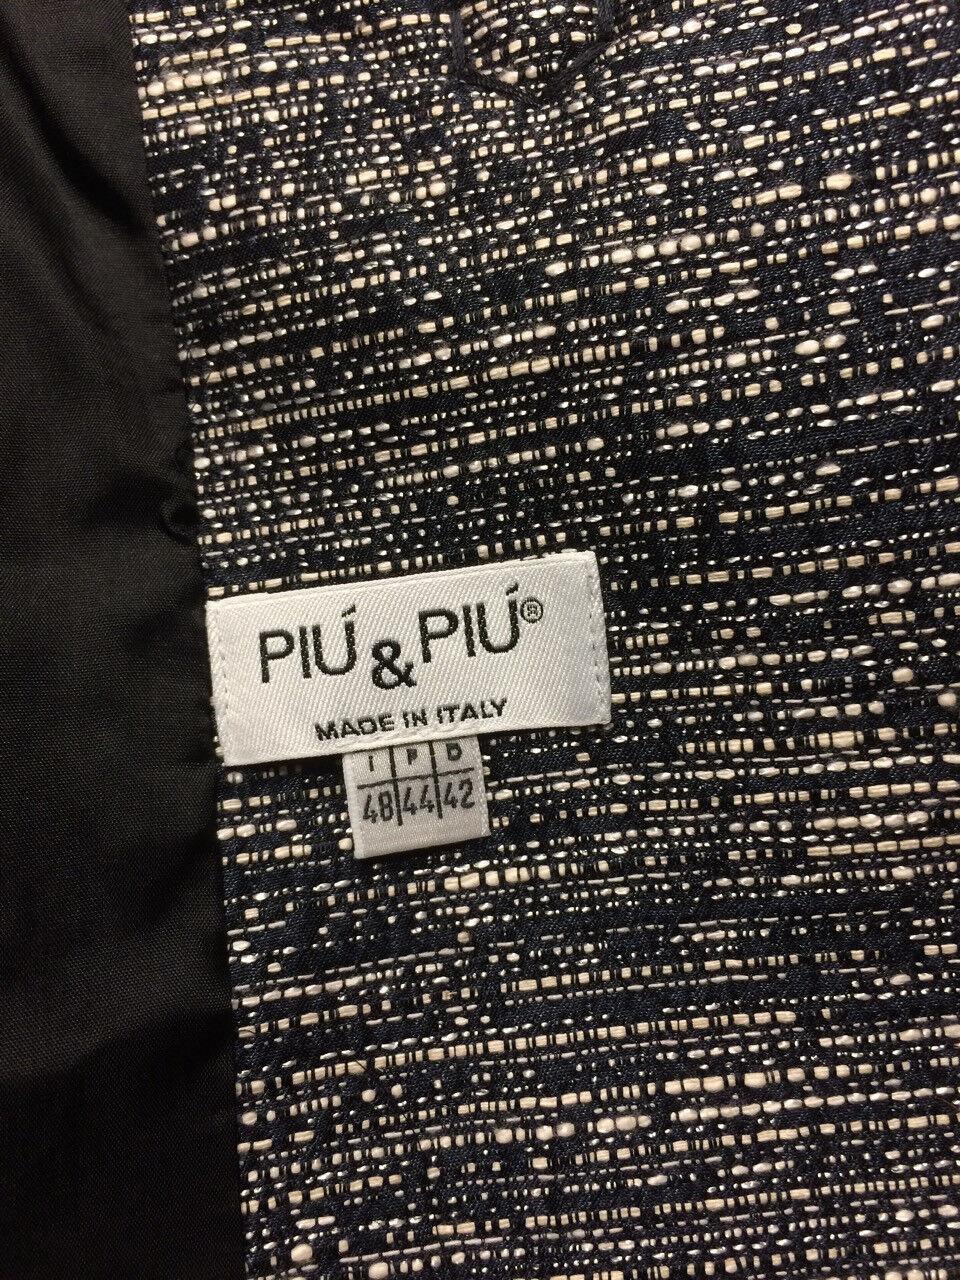 Neu Damen Twinset , Kleid und Bleser , , , grau Piu & Piu , Gr D. 42     Neu    Hohe Qualität und geringer Aufwand    Verkauf    Klein und fein    2019  fc7828